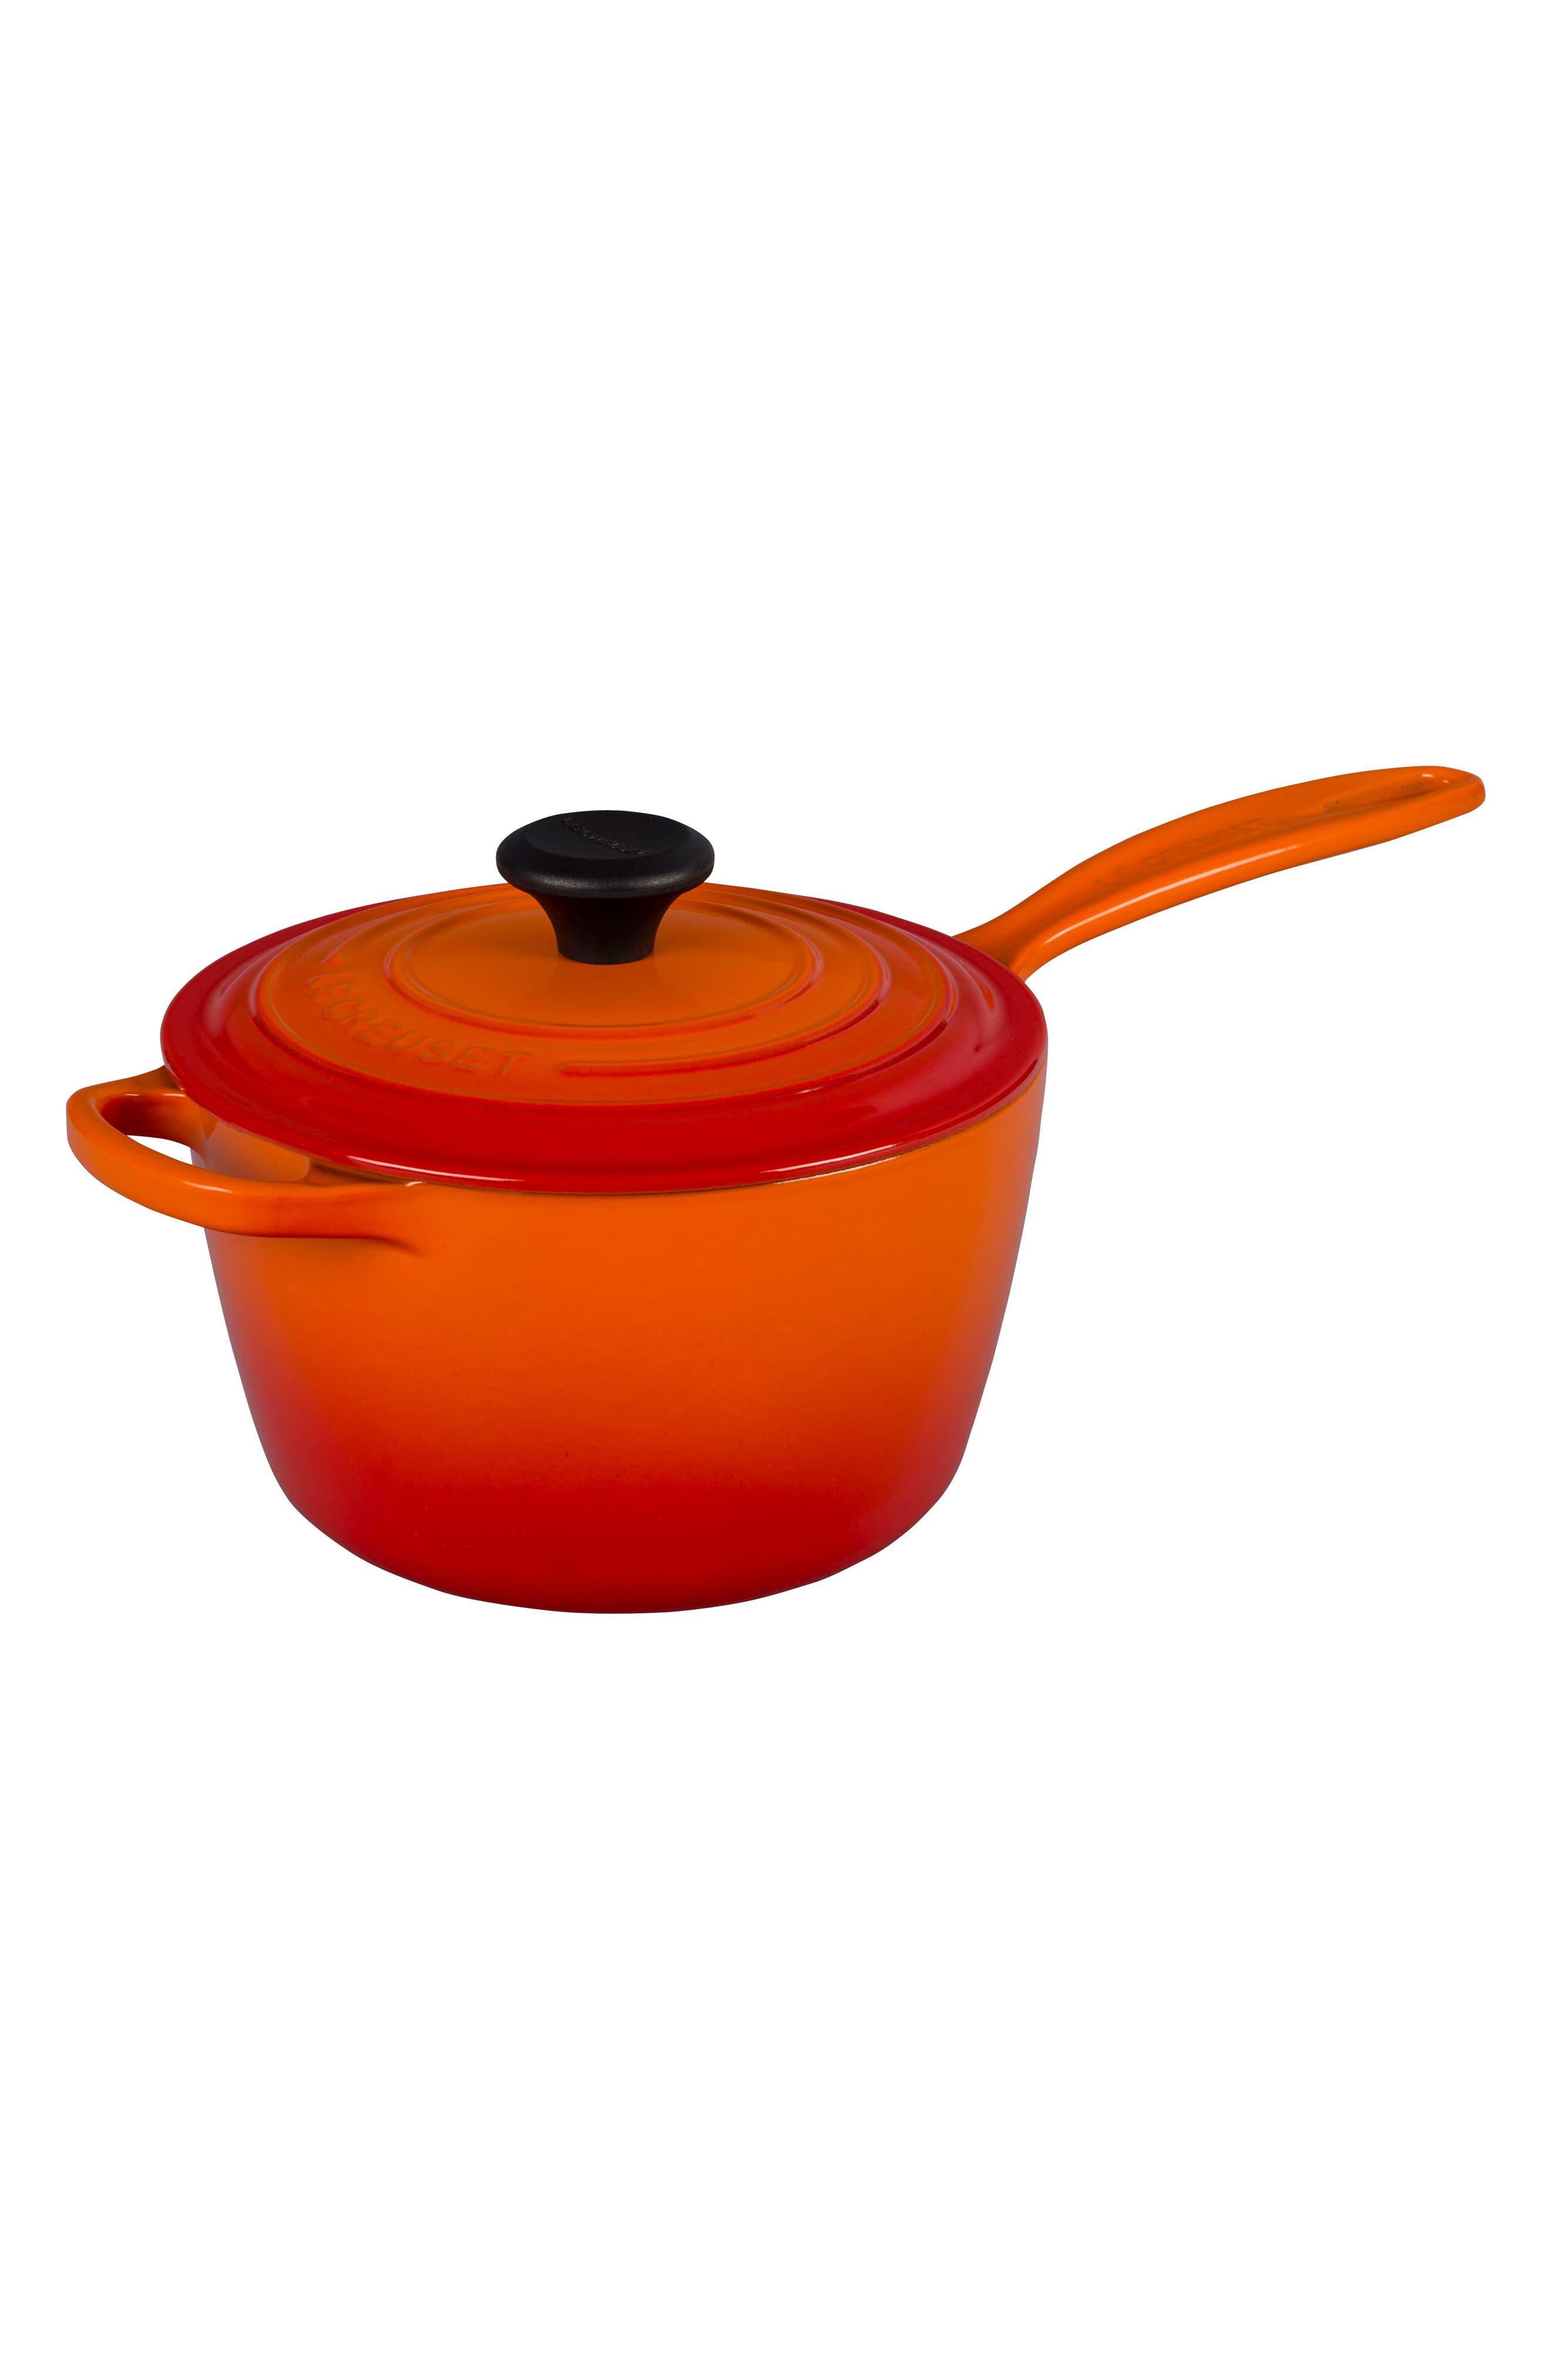 Le Creuset Signature 2 14Quart Cast Iron Saucepan Size One Size  Orange